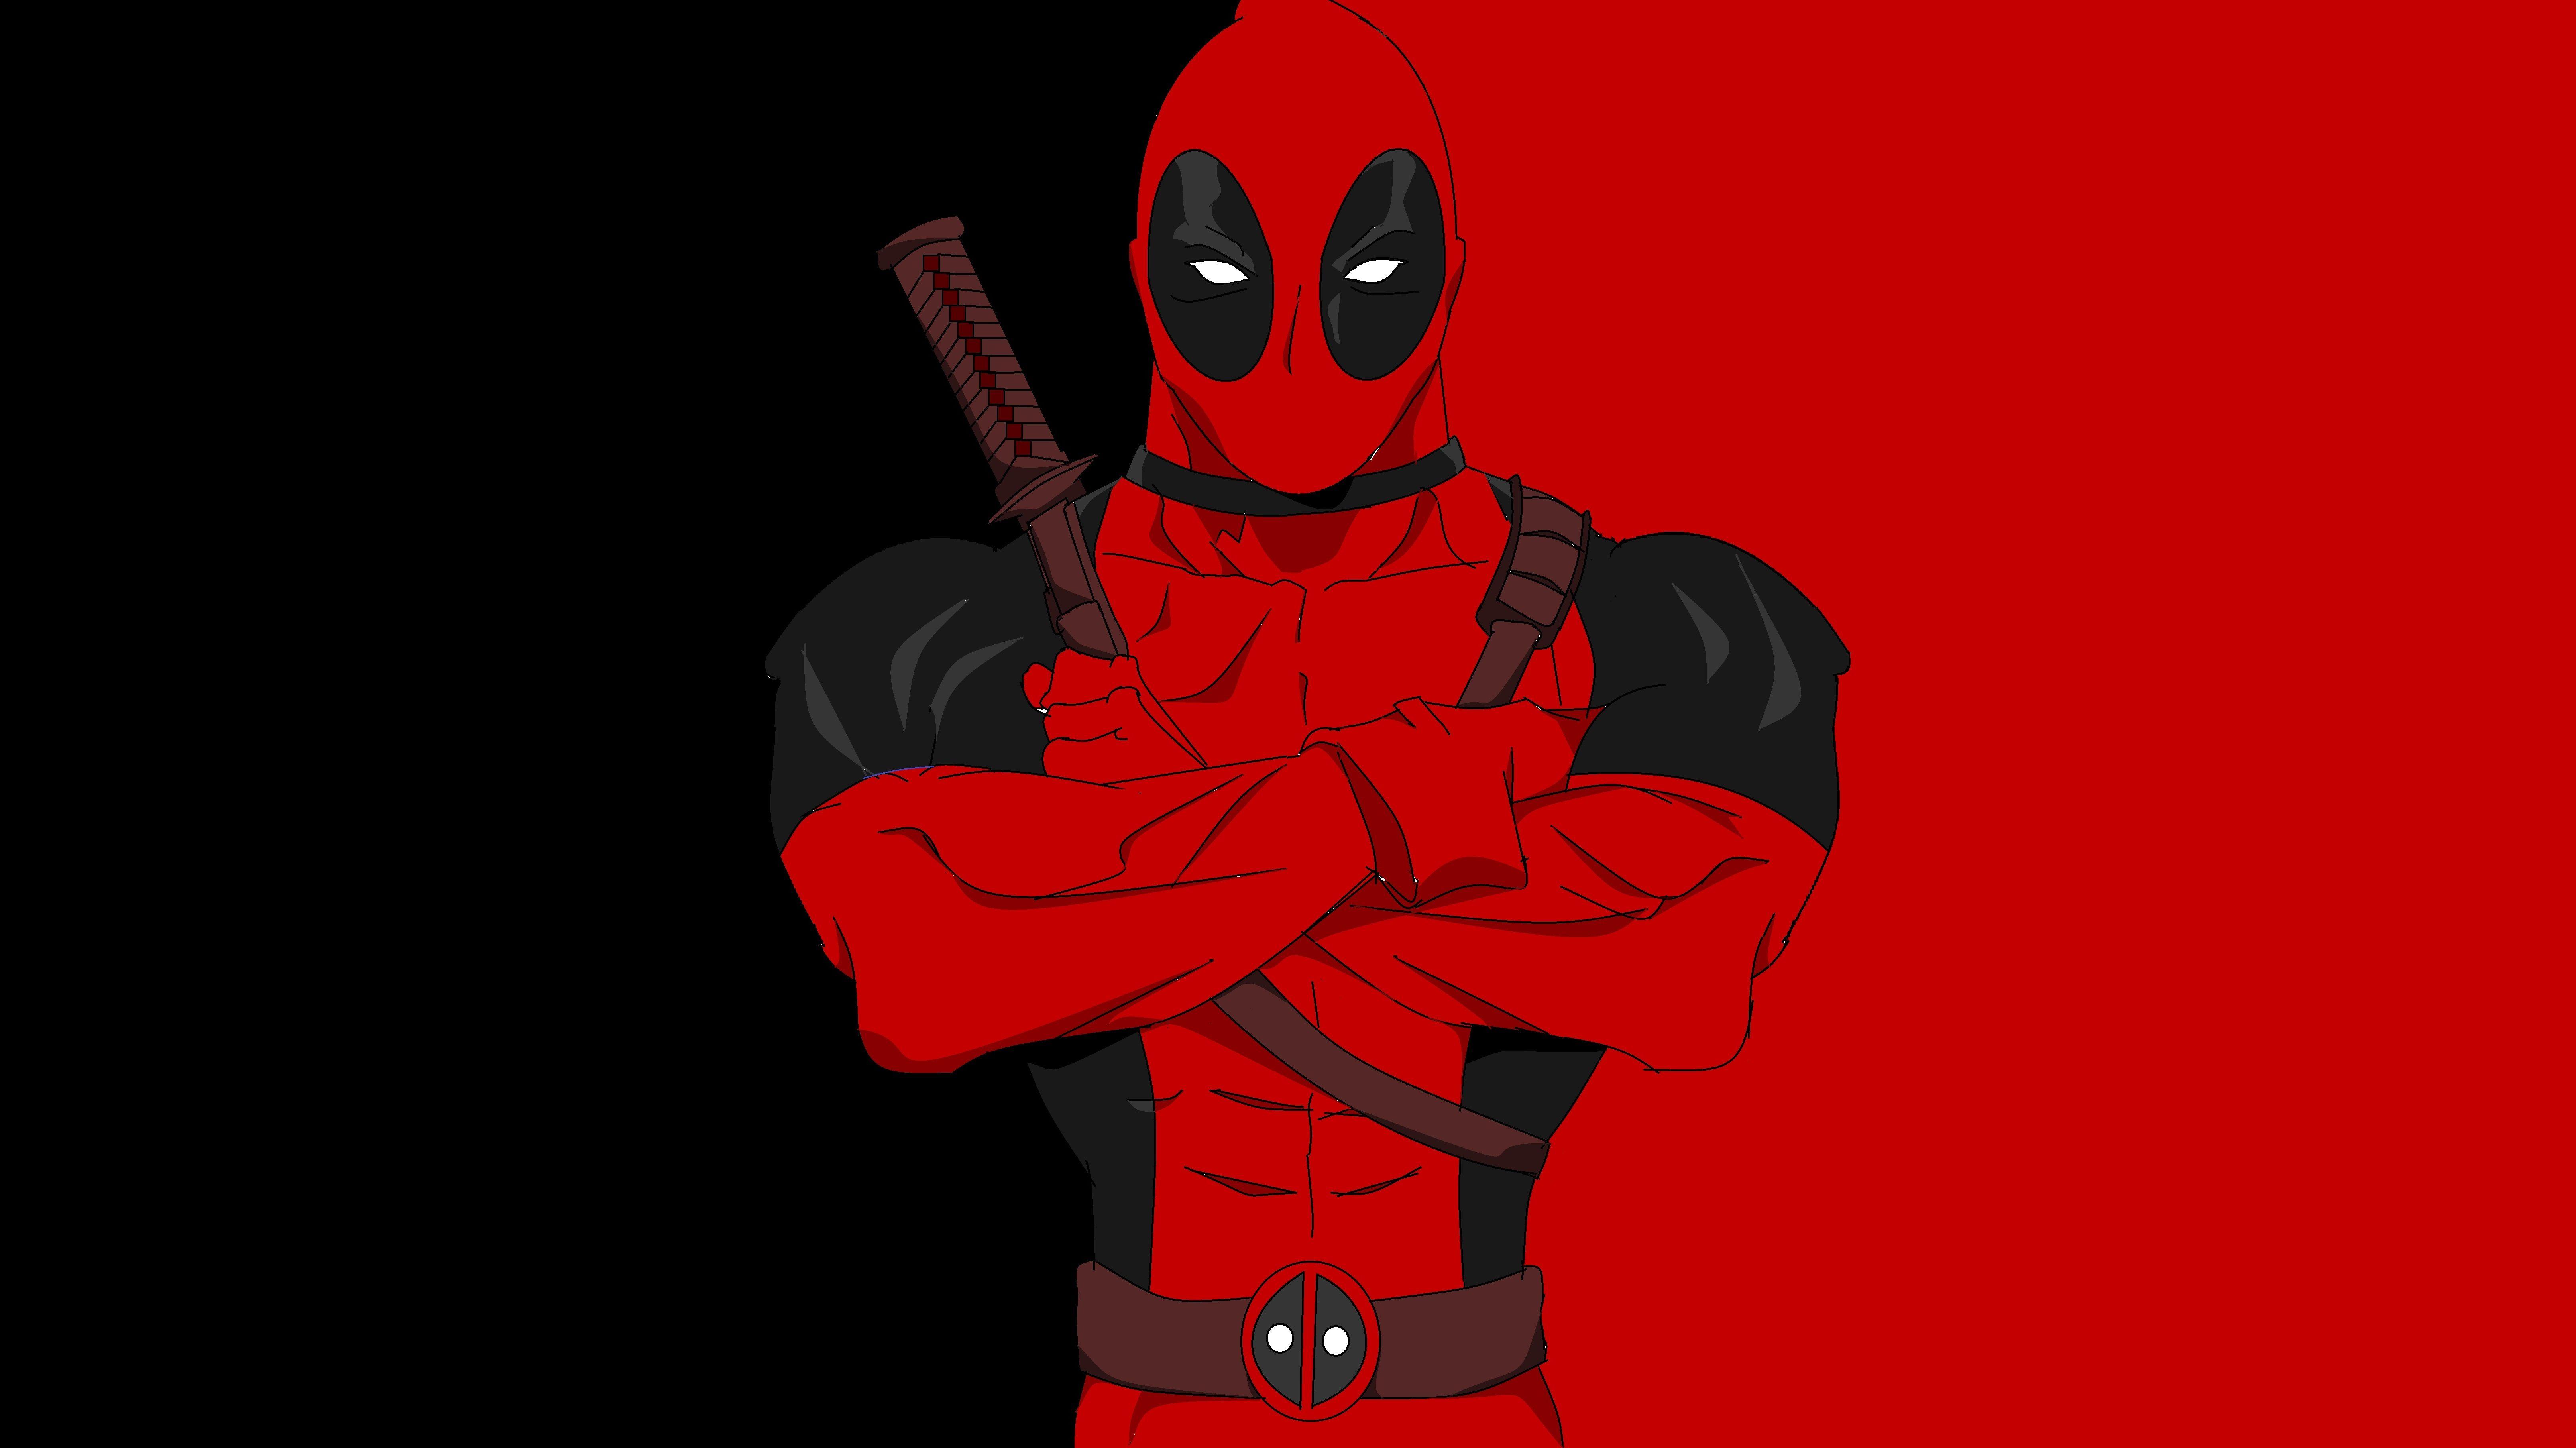 Deadpool Cartoon Wallpapers Top Free Deadpool Cartoon Backgrounds Wallpaperaccess